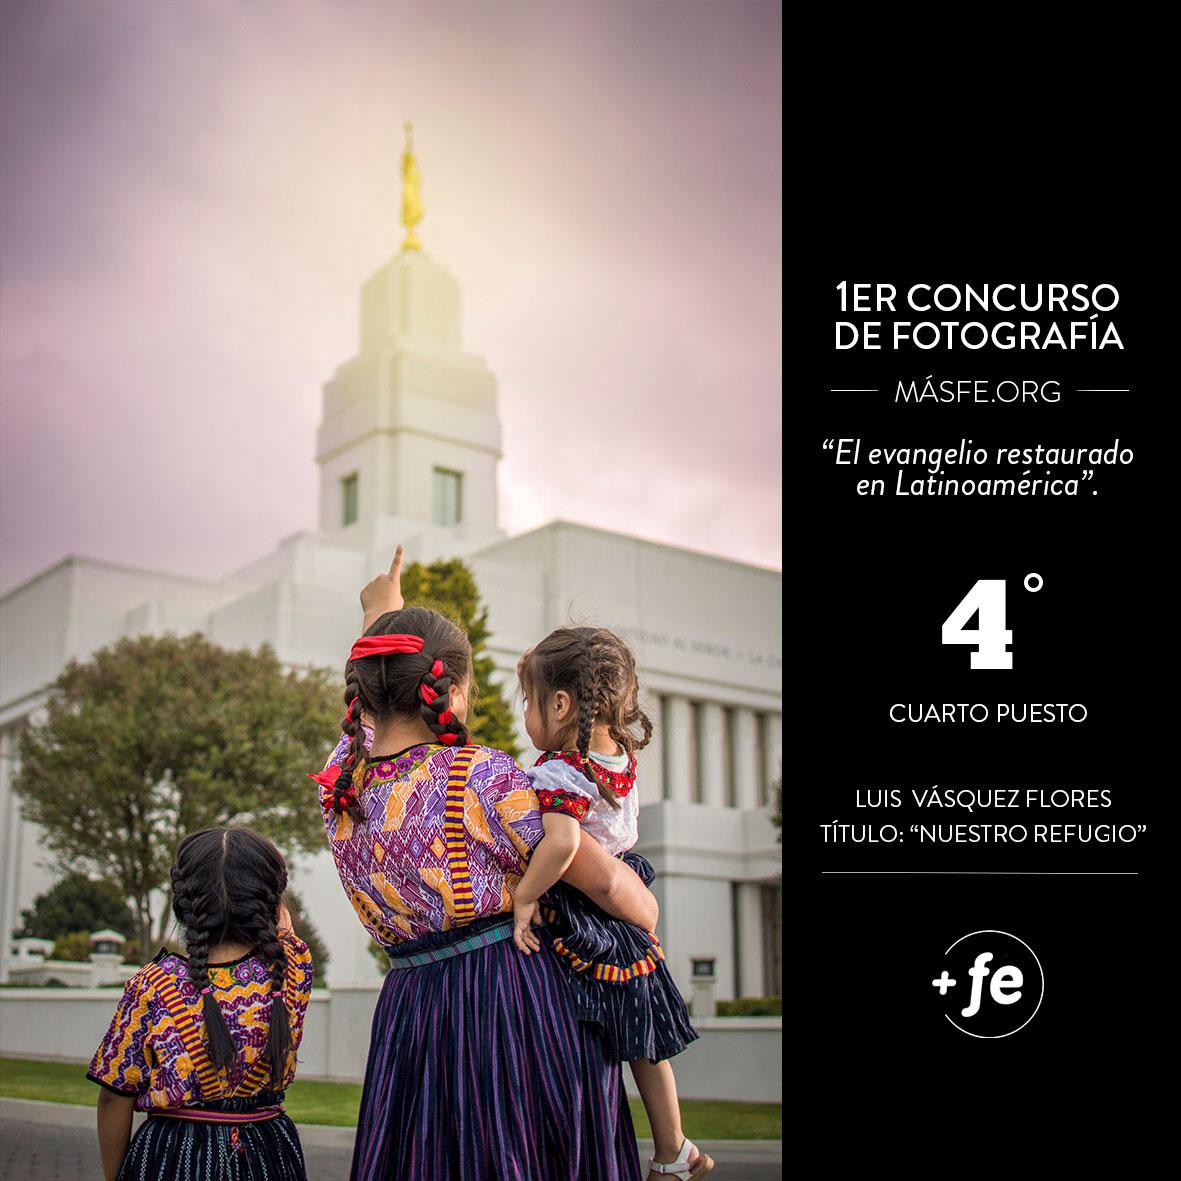 ganadores del primer concurso de fotografía de masfe.org